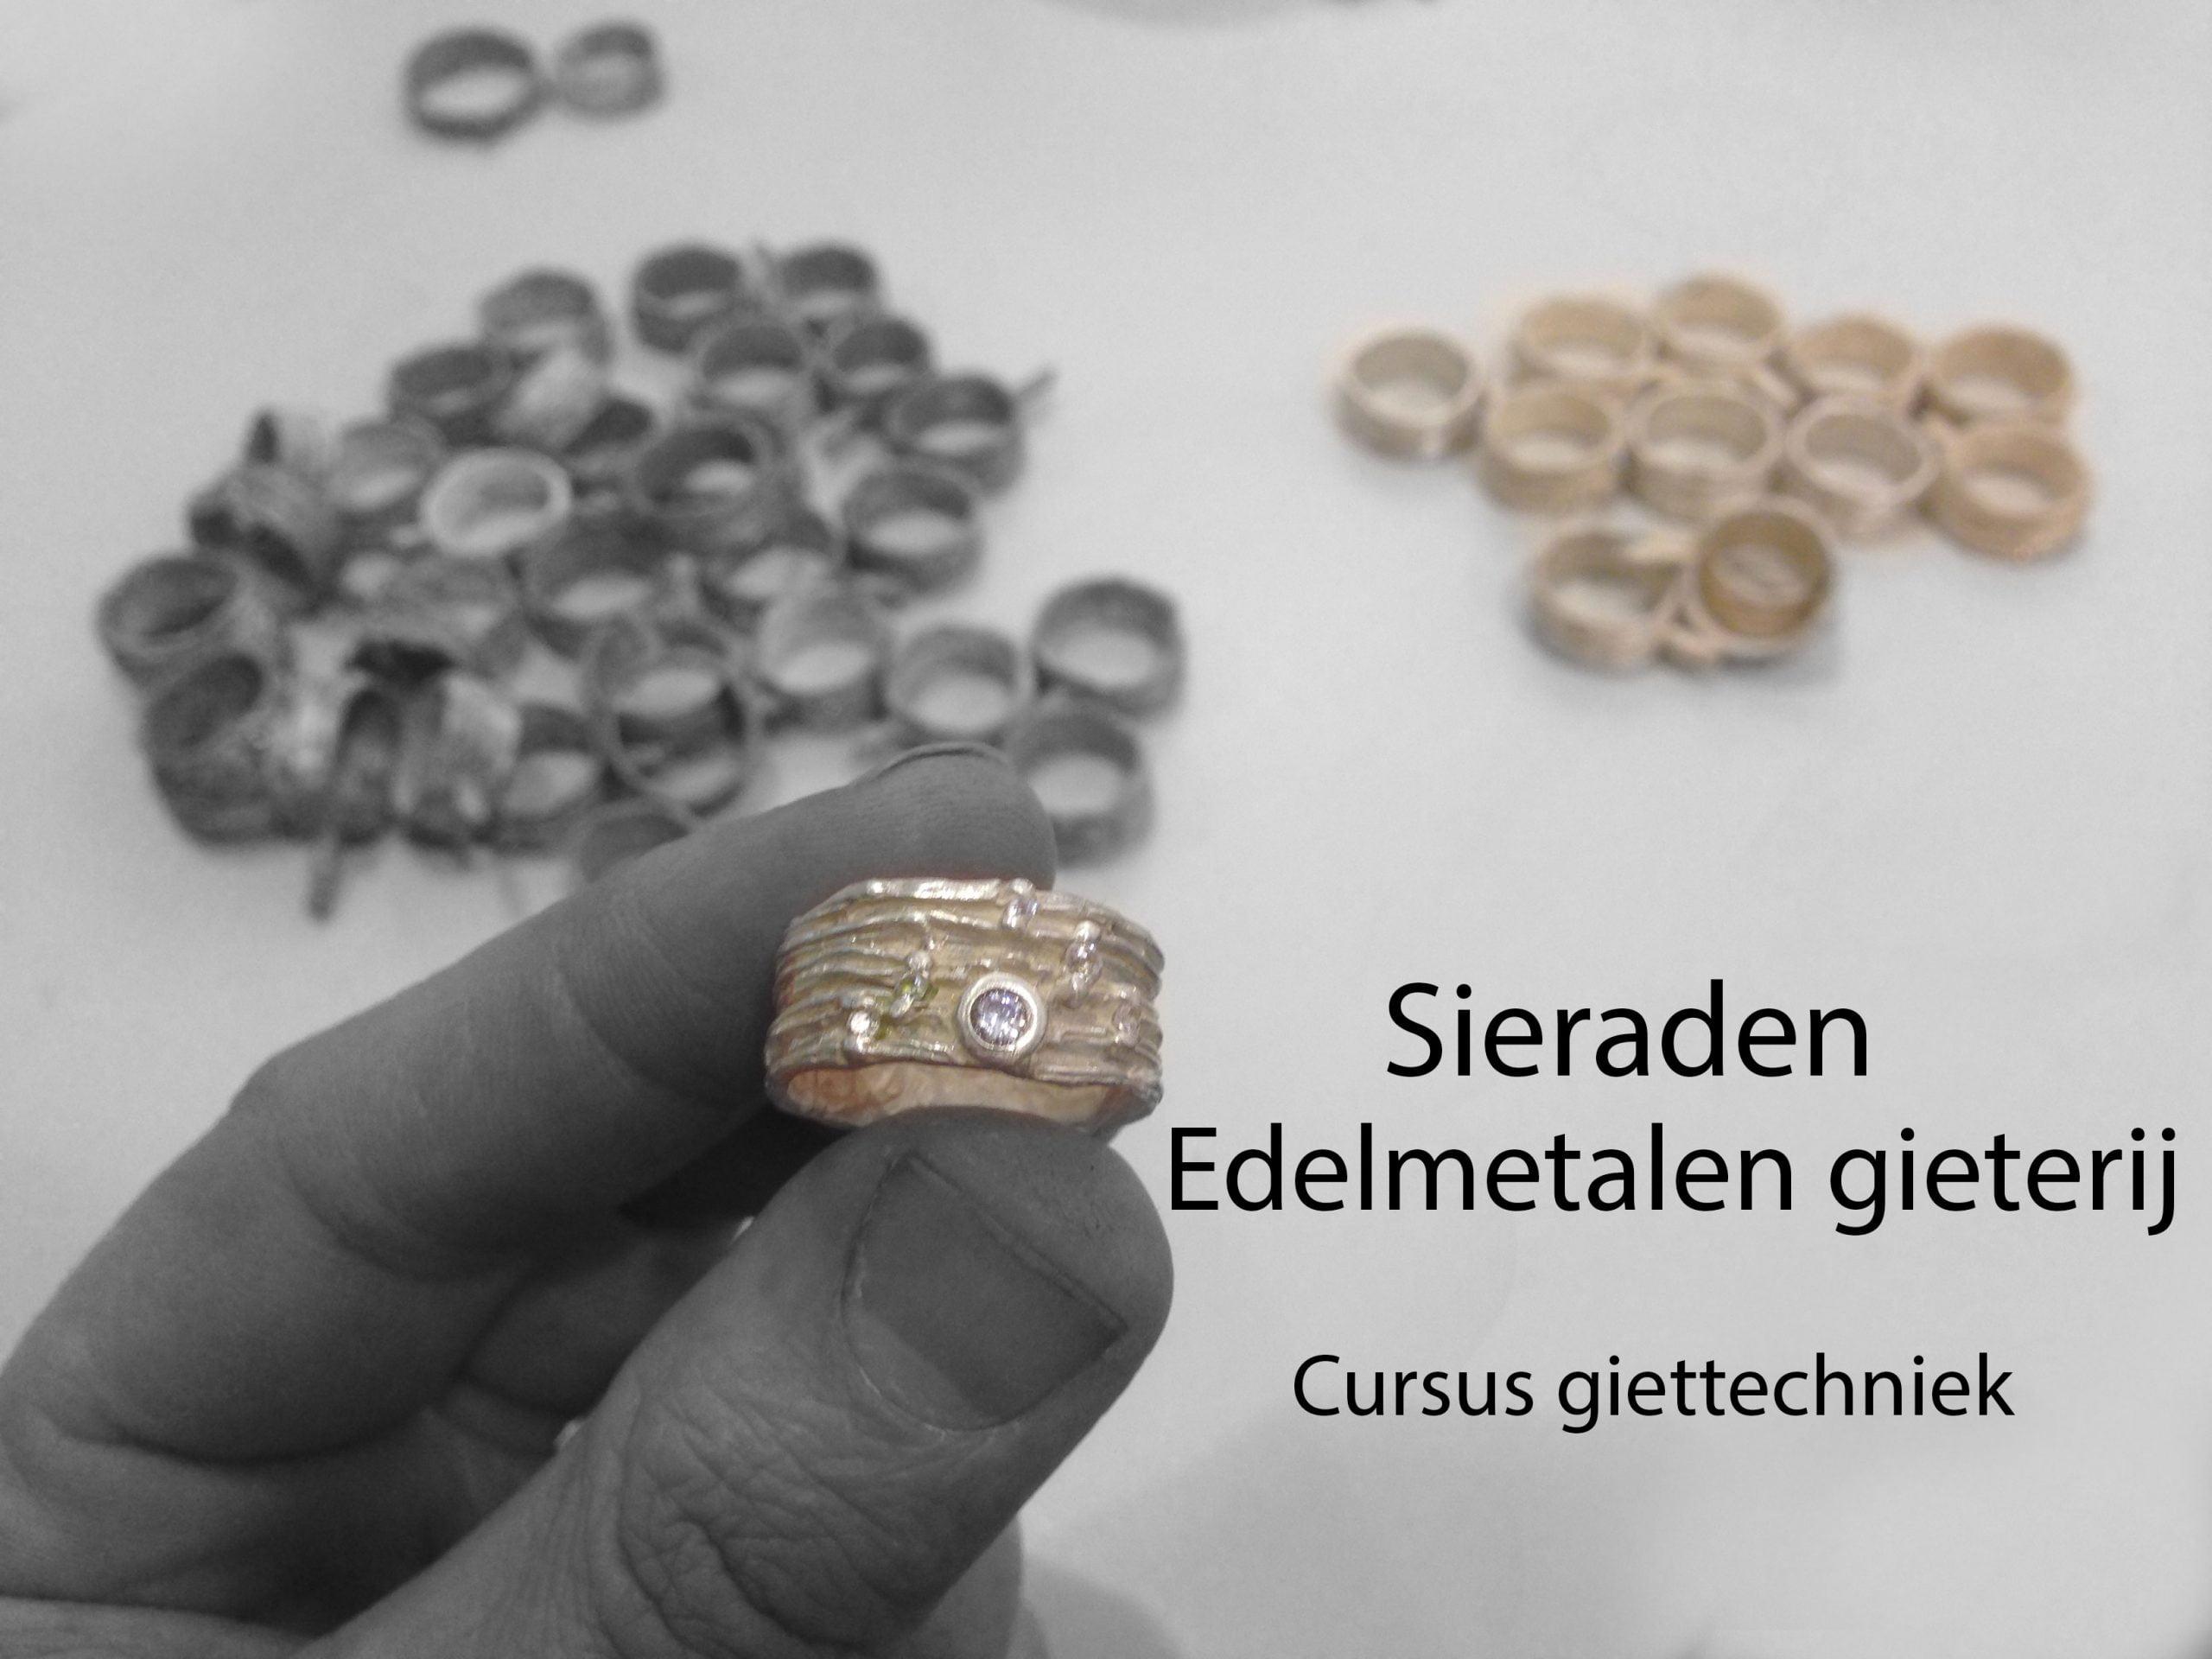 gegoten-ring-edelmetalen-gieterij-zilver-goud-sieraden